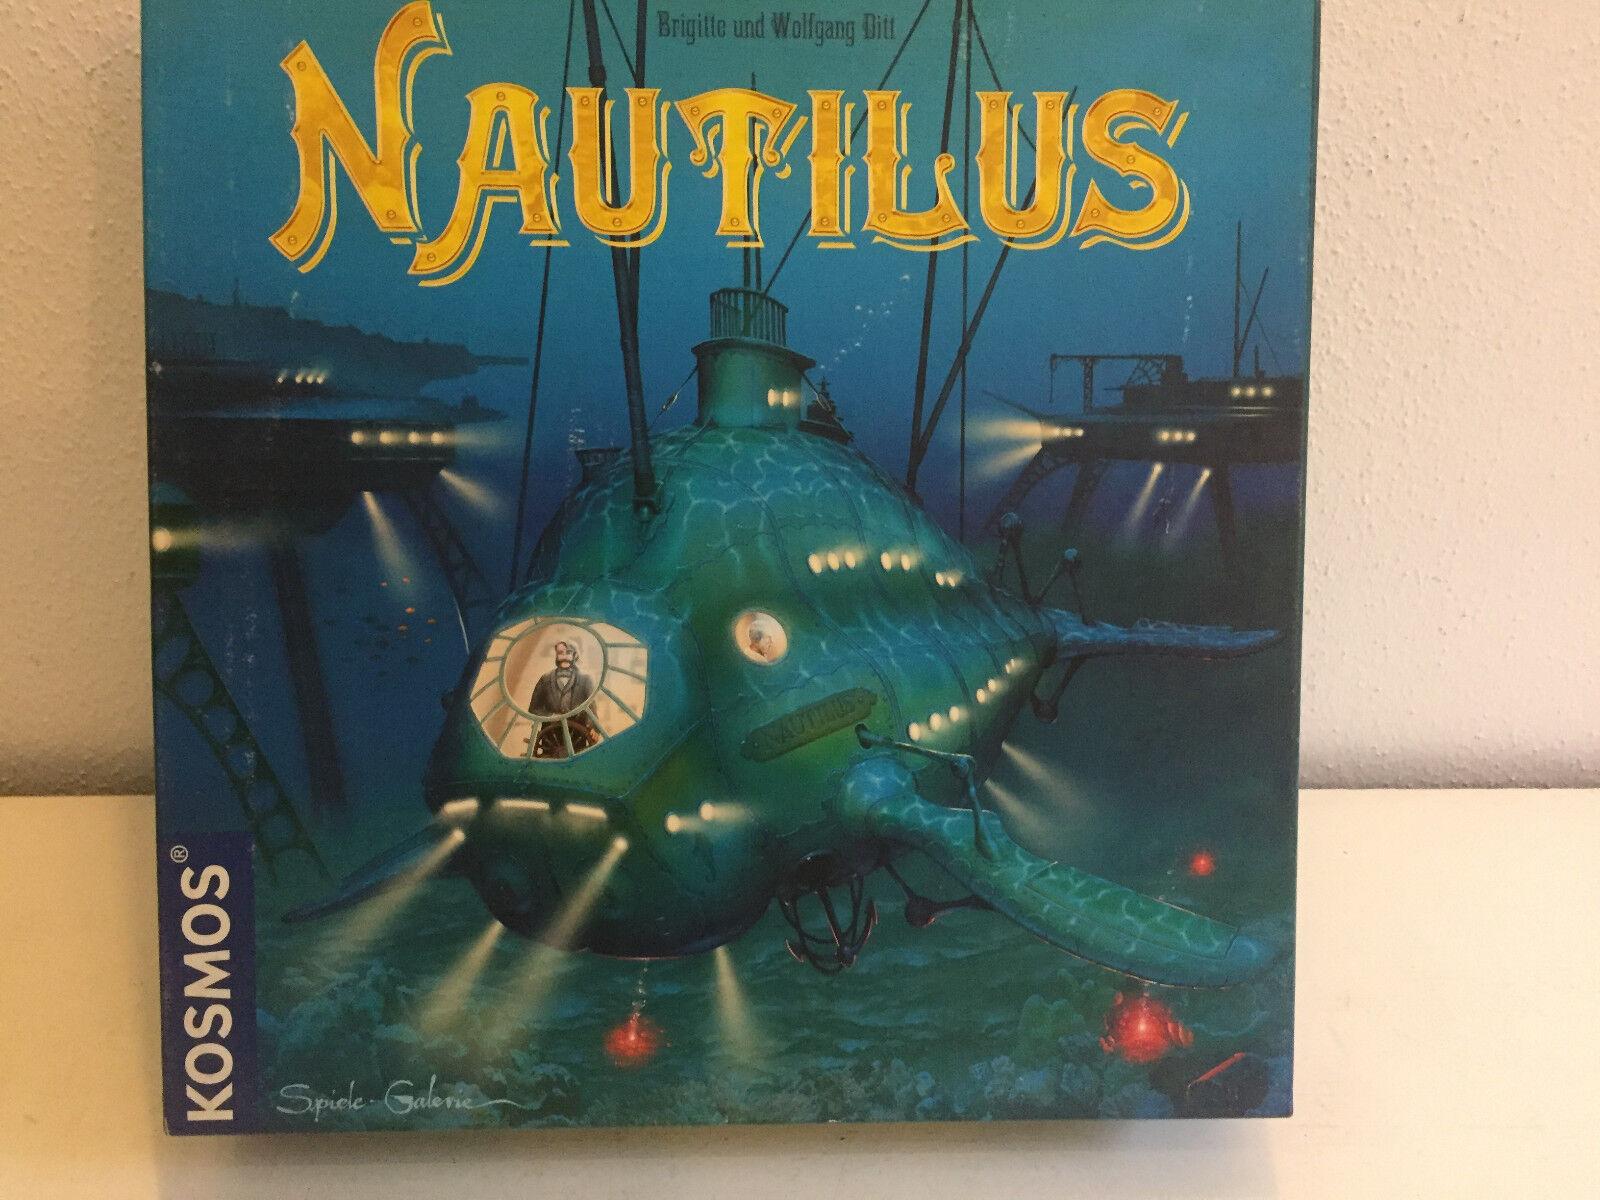 Nautilus brettspiel von kosmos in neuwertigem 100% komplettem ihr scifi